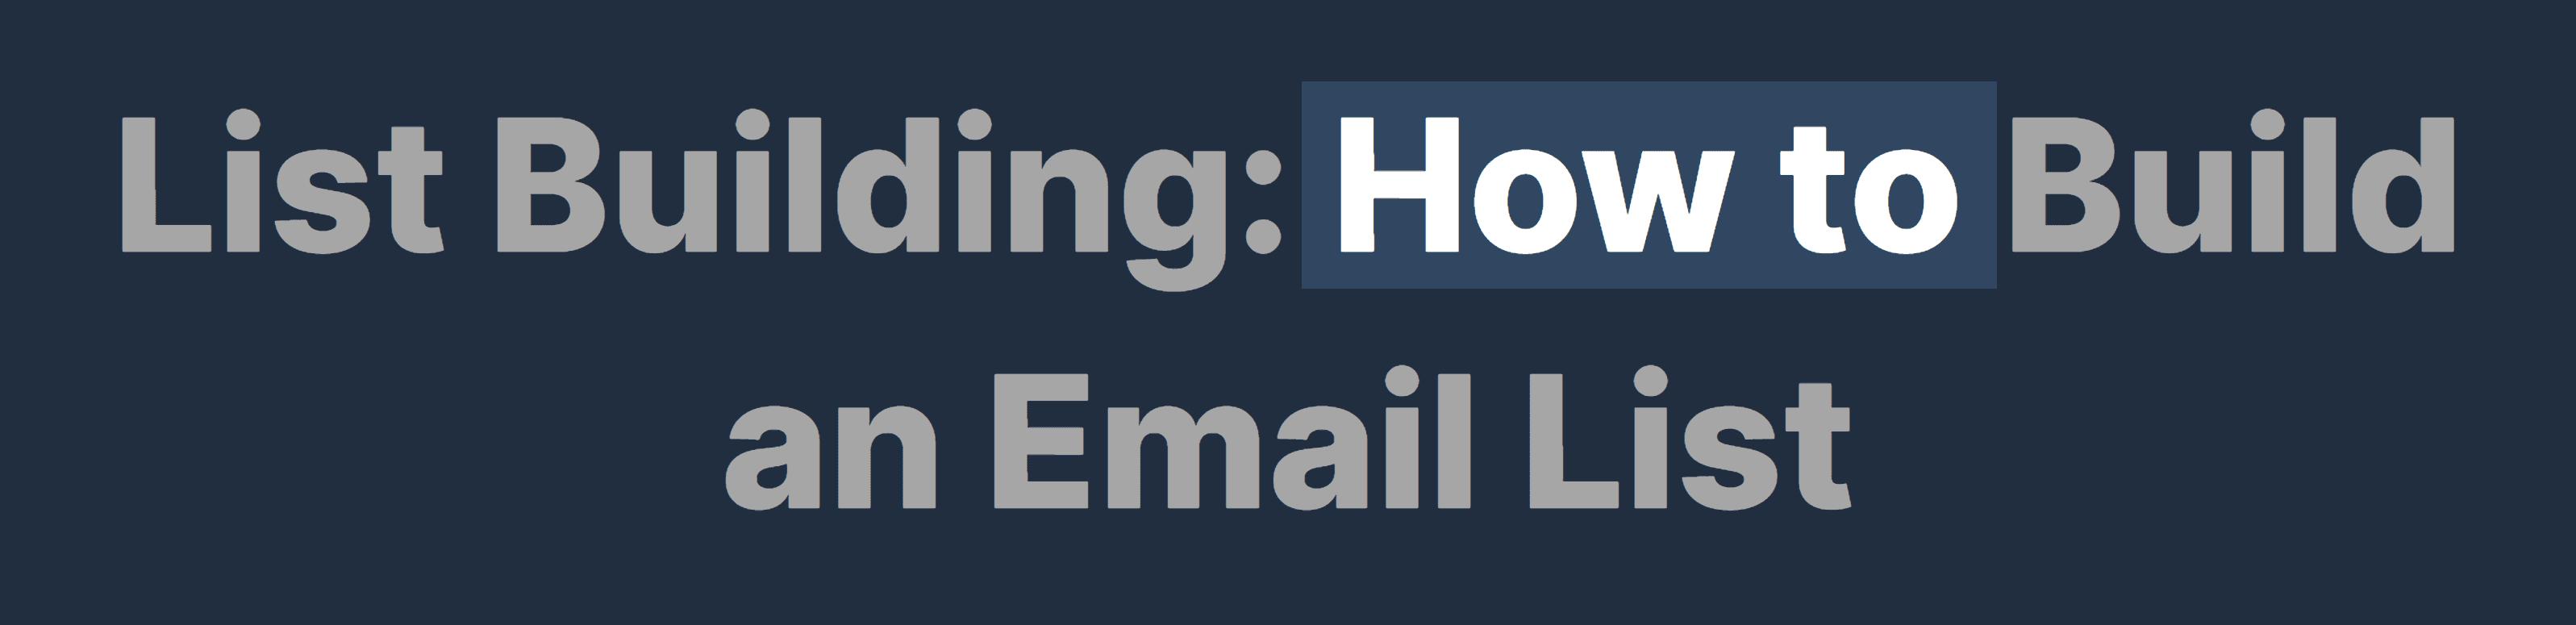 List building – Post title